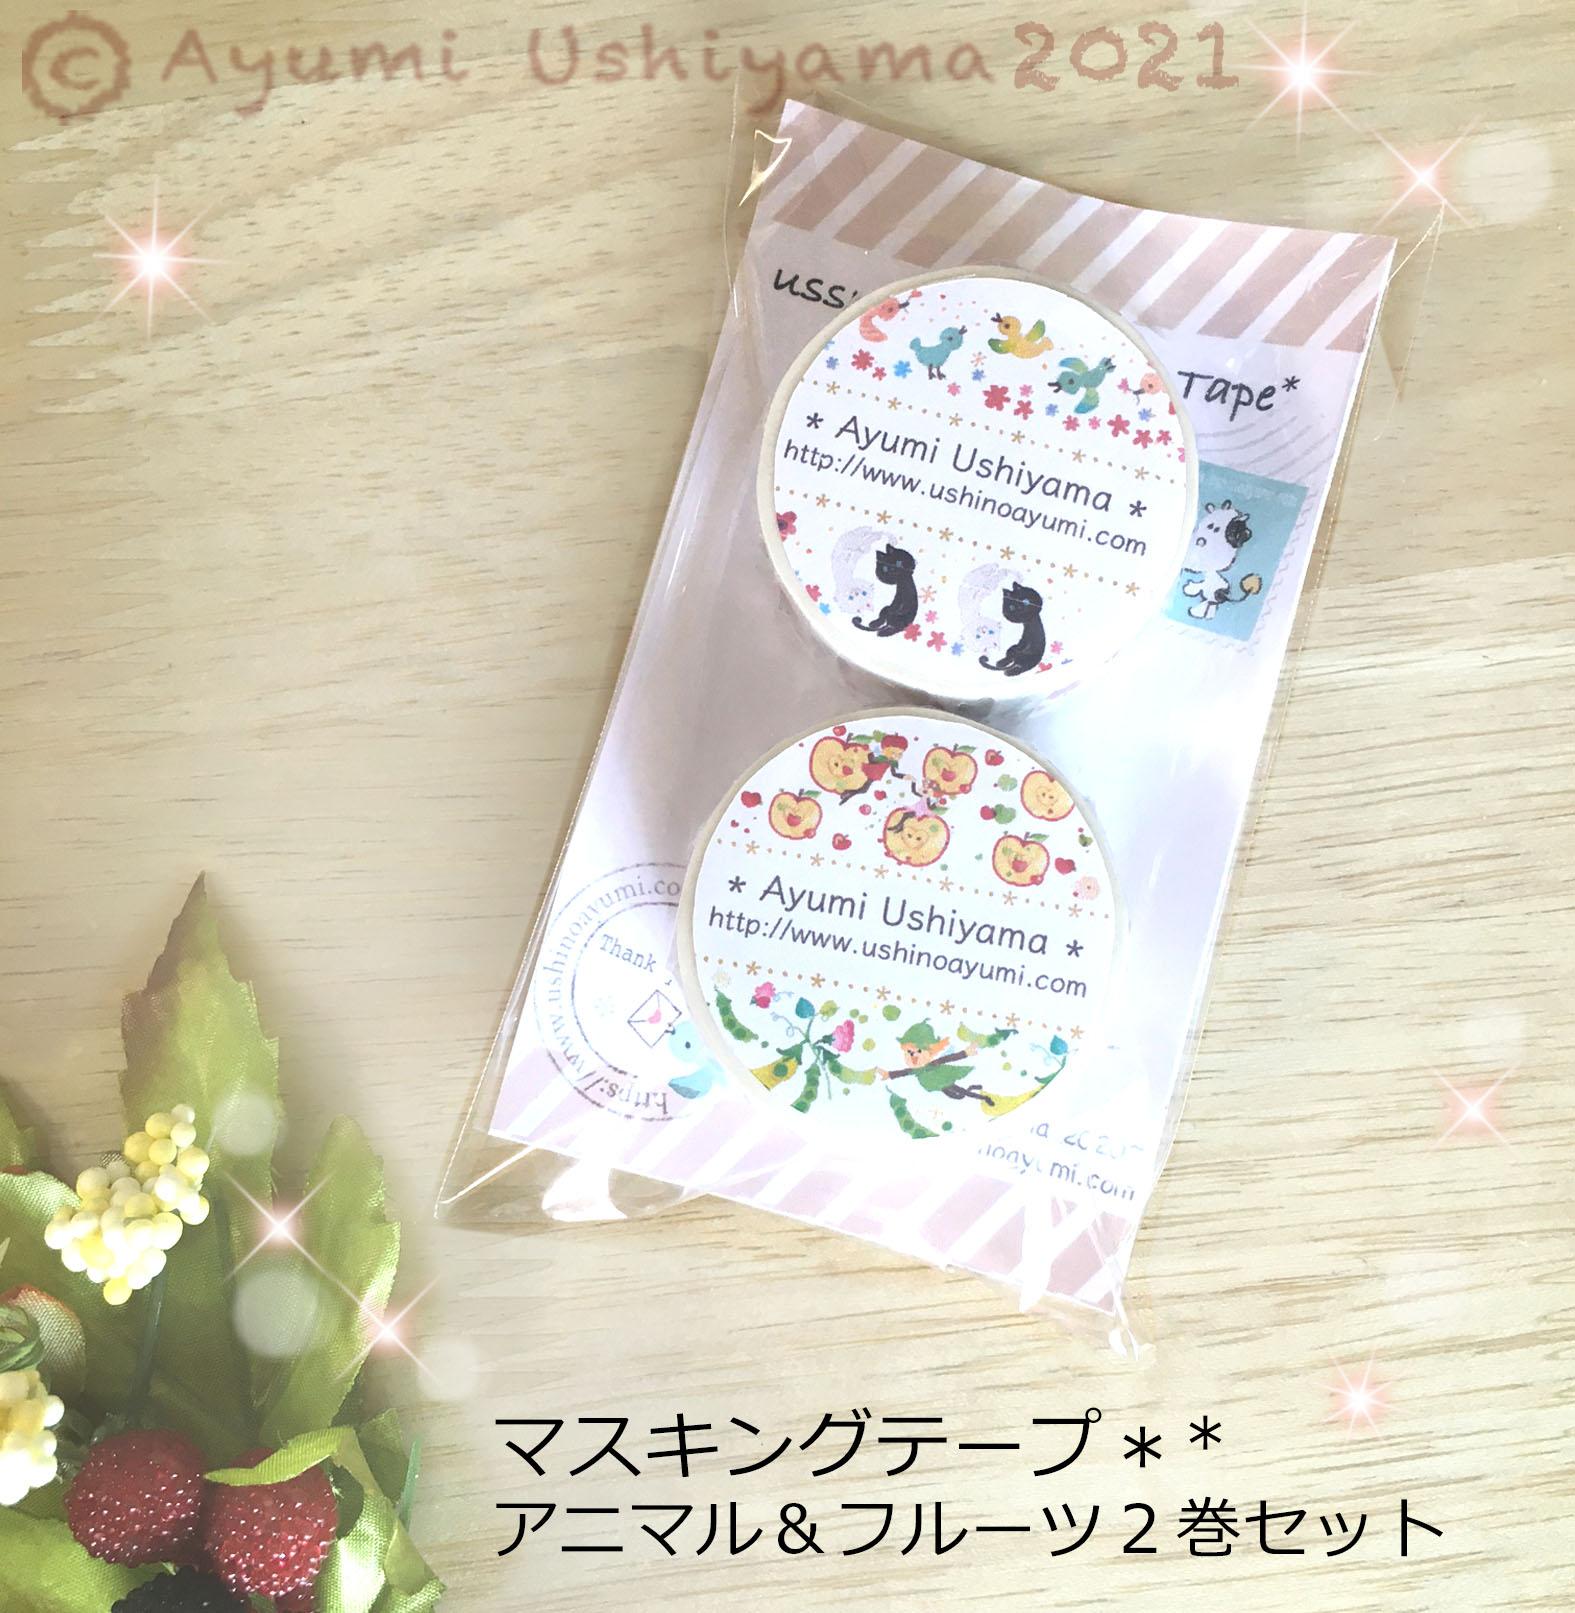 マスキングテープ2巻セット<br>各H200mm・7M巻 ¥700(税込み)